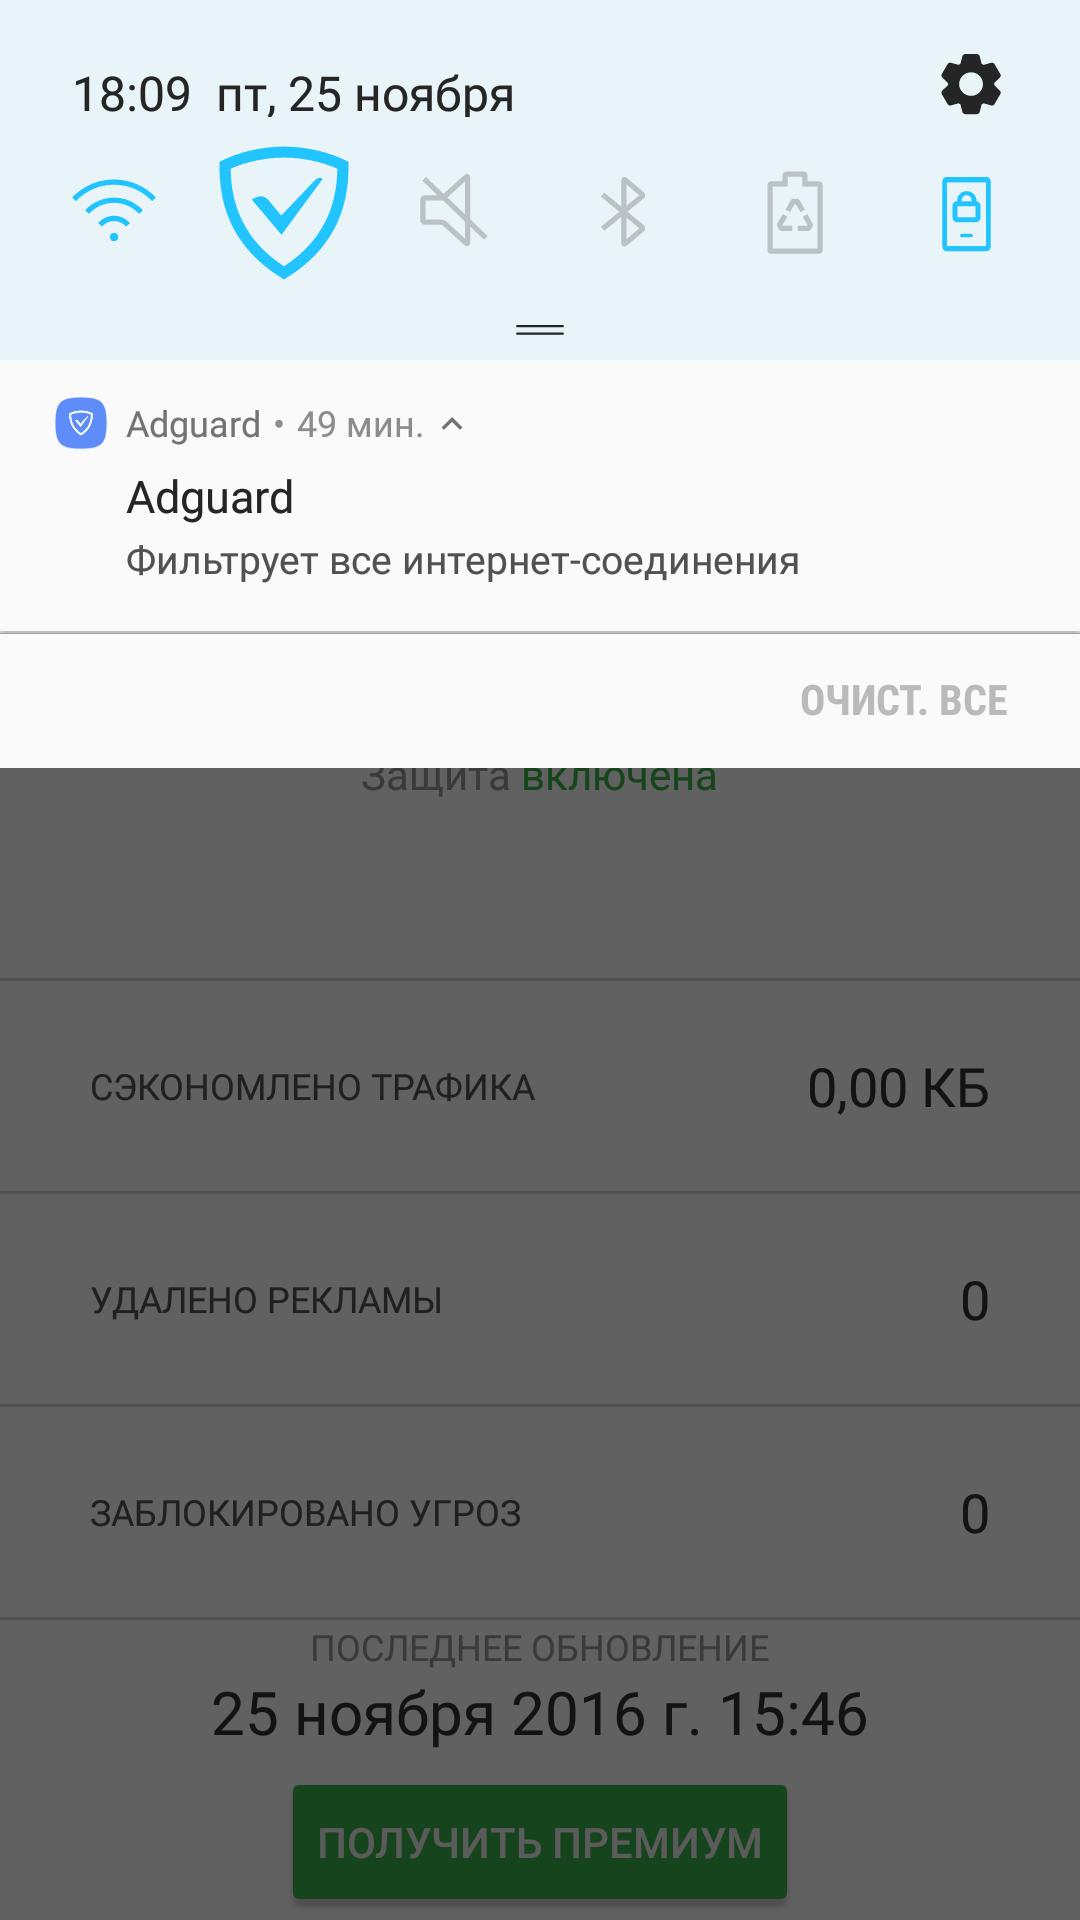 Иконка Adguard в быстрых настройках